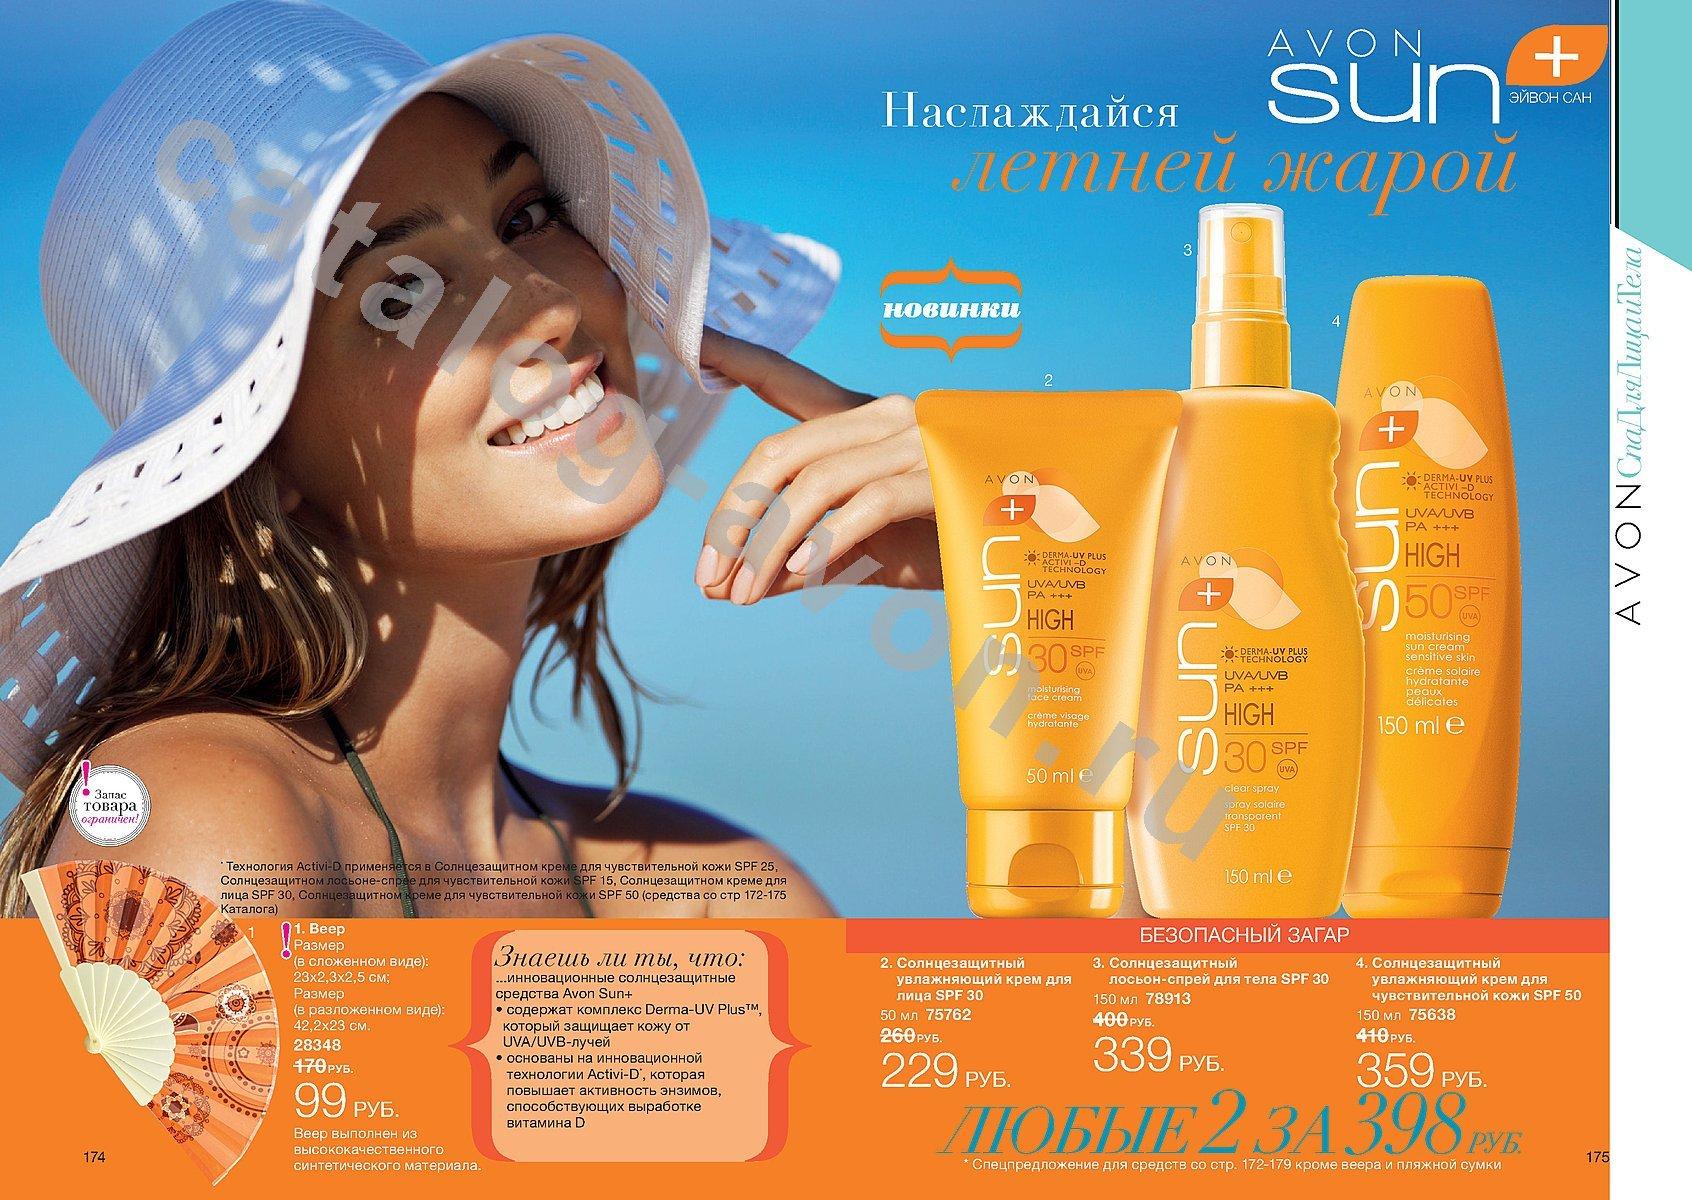 Солнцезащитный крем для лица avon 7 фотография